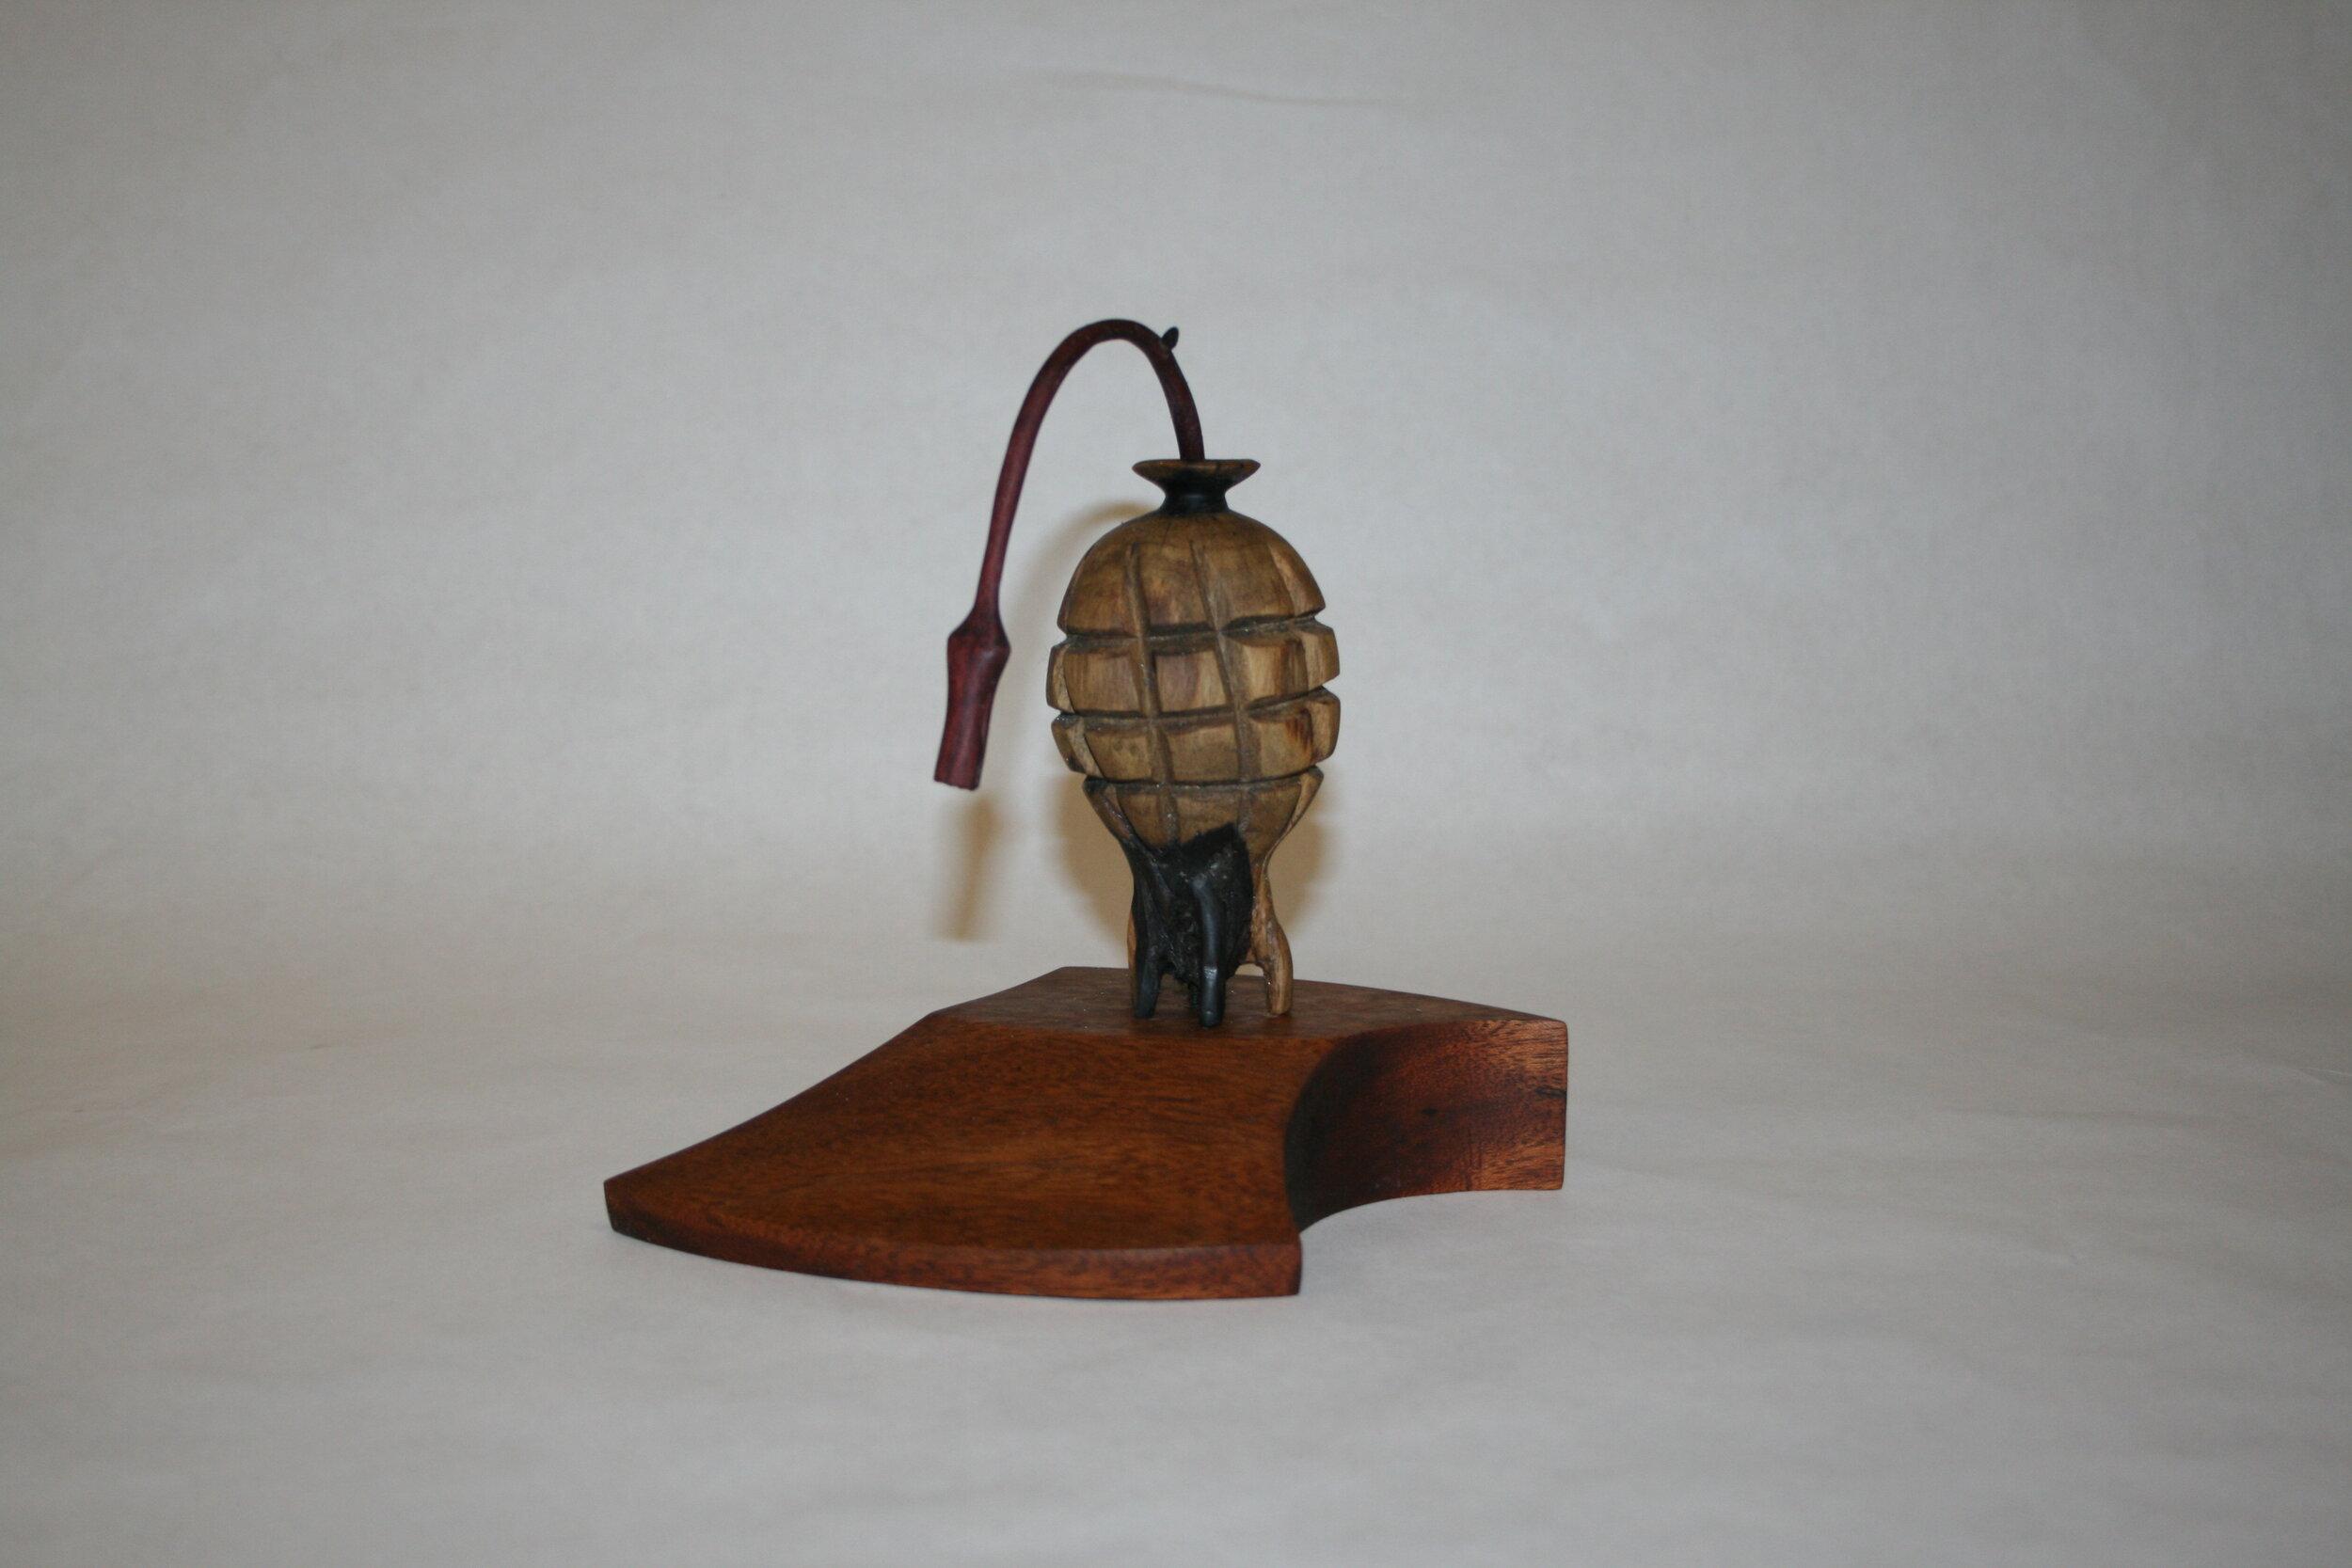 17a  John Soderlund  The family secret  wood sculpture